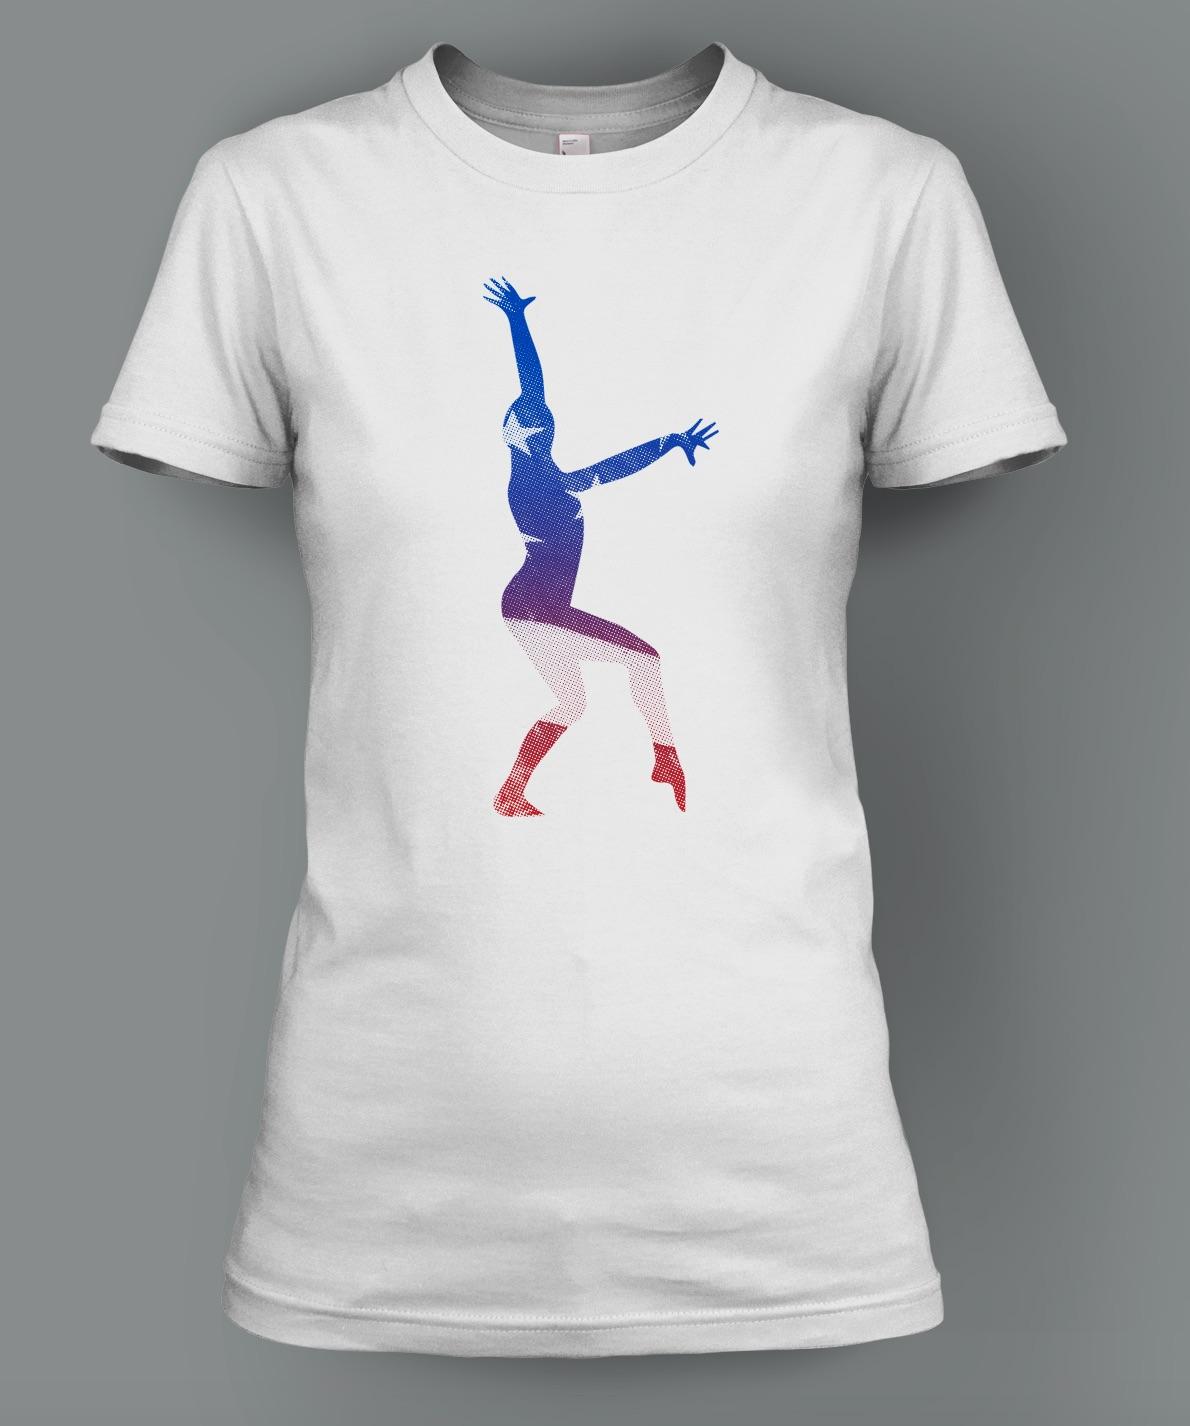 Patriotic Dominique Moceanu Signature T-Shirt: $26.00